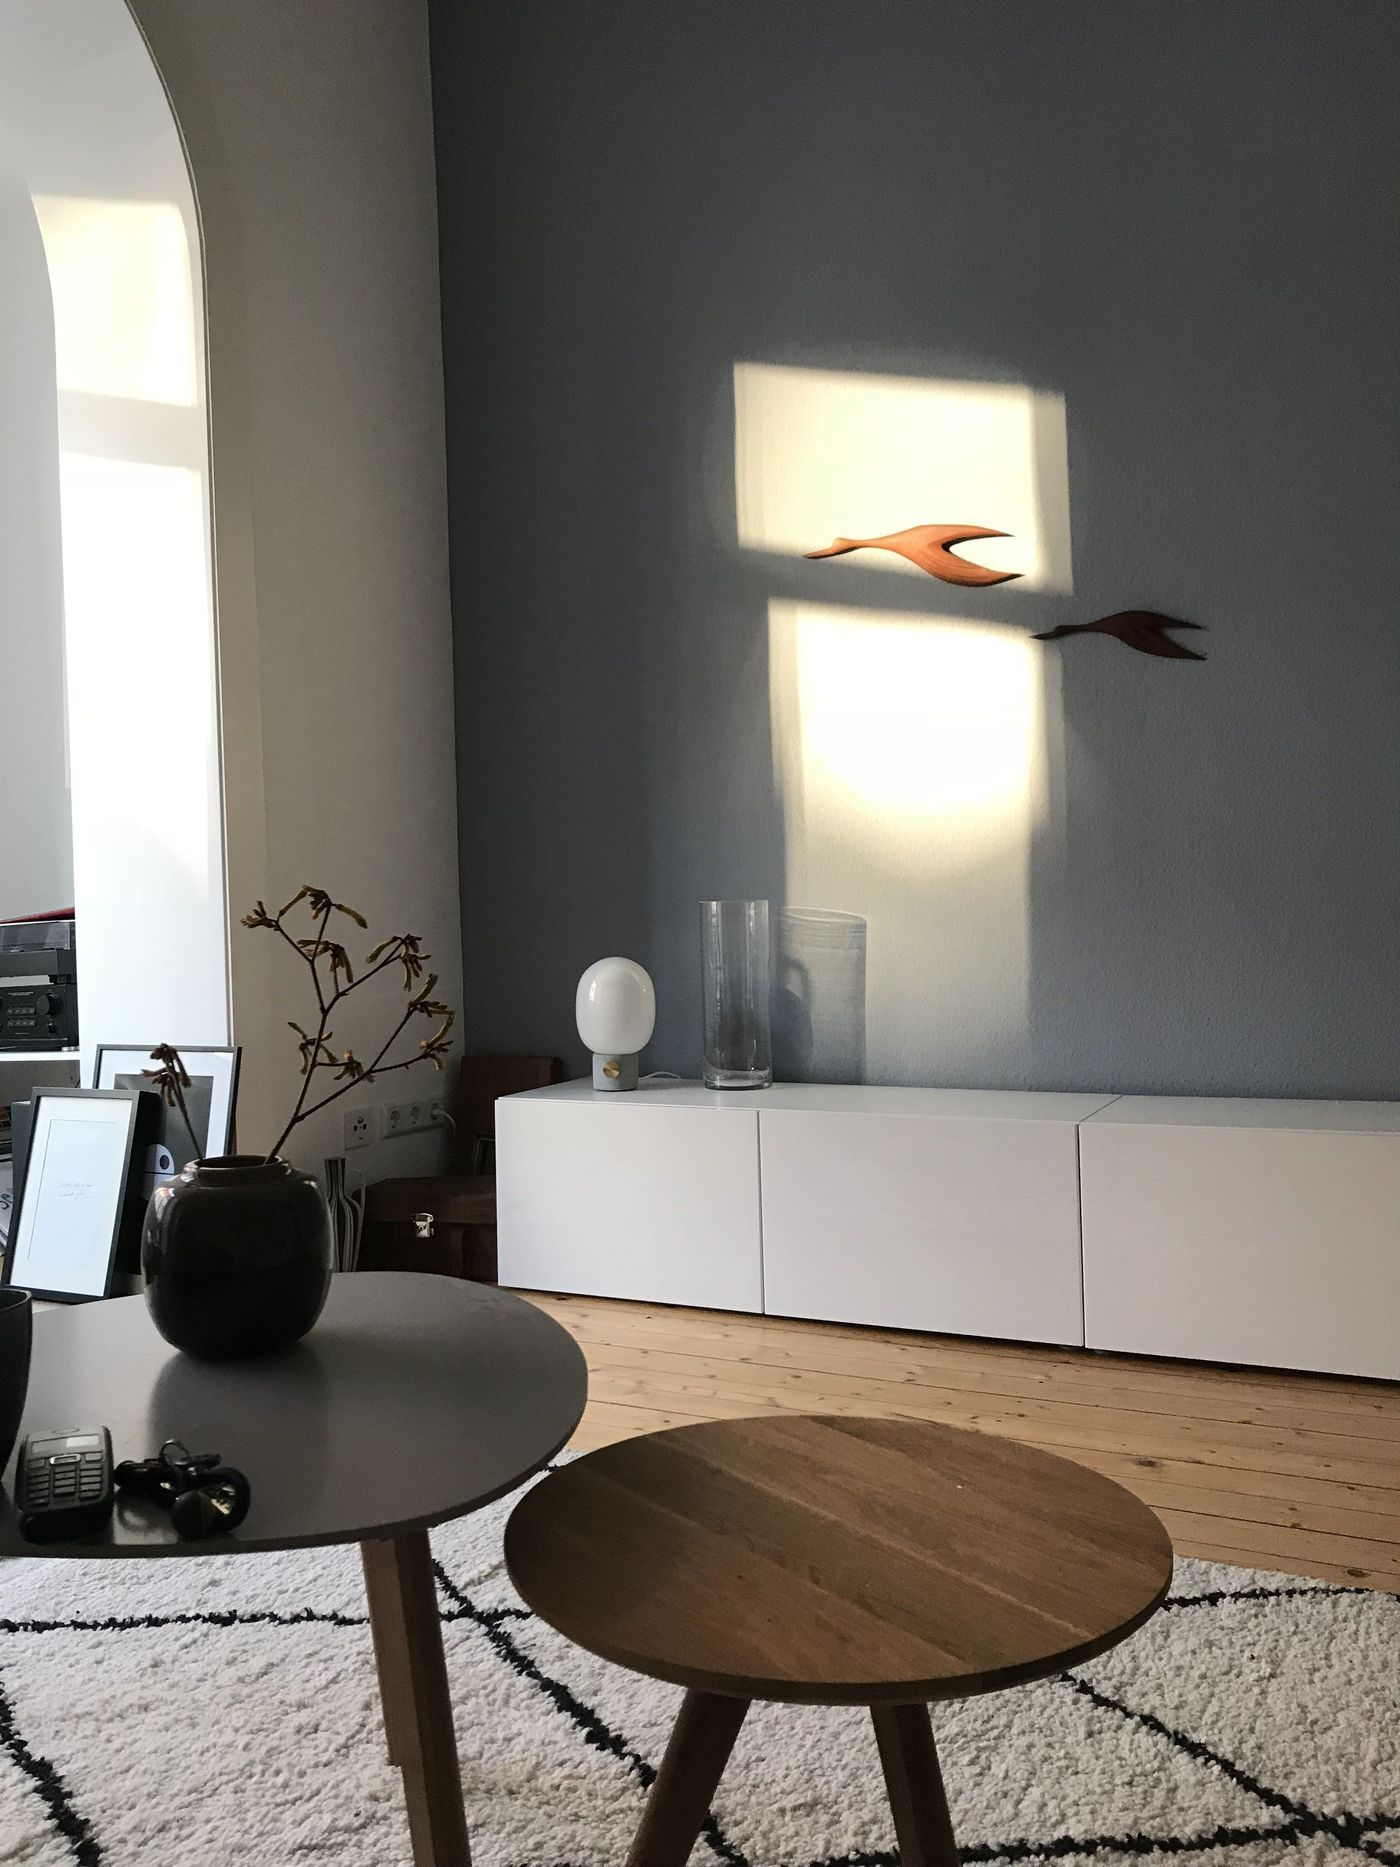 Full Size of Schnsten Ideen Mit Dem Ikea Best System Küche Kosten Betten 160x200 Kaufen Bei Wohnzimmer Wohnwand Miniküche Sofa Schlaffunktion Modulküche Wohnzimmer Wohnwand Ikea